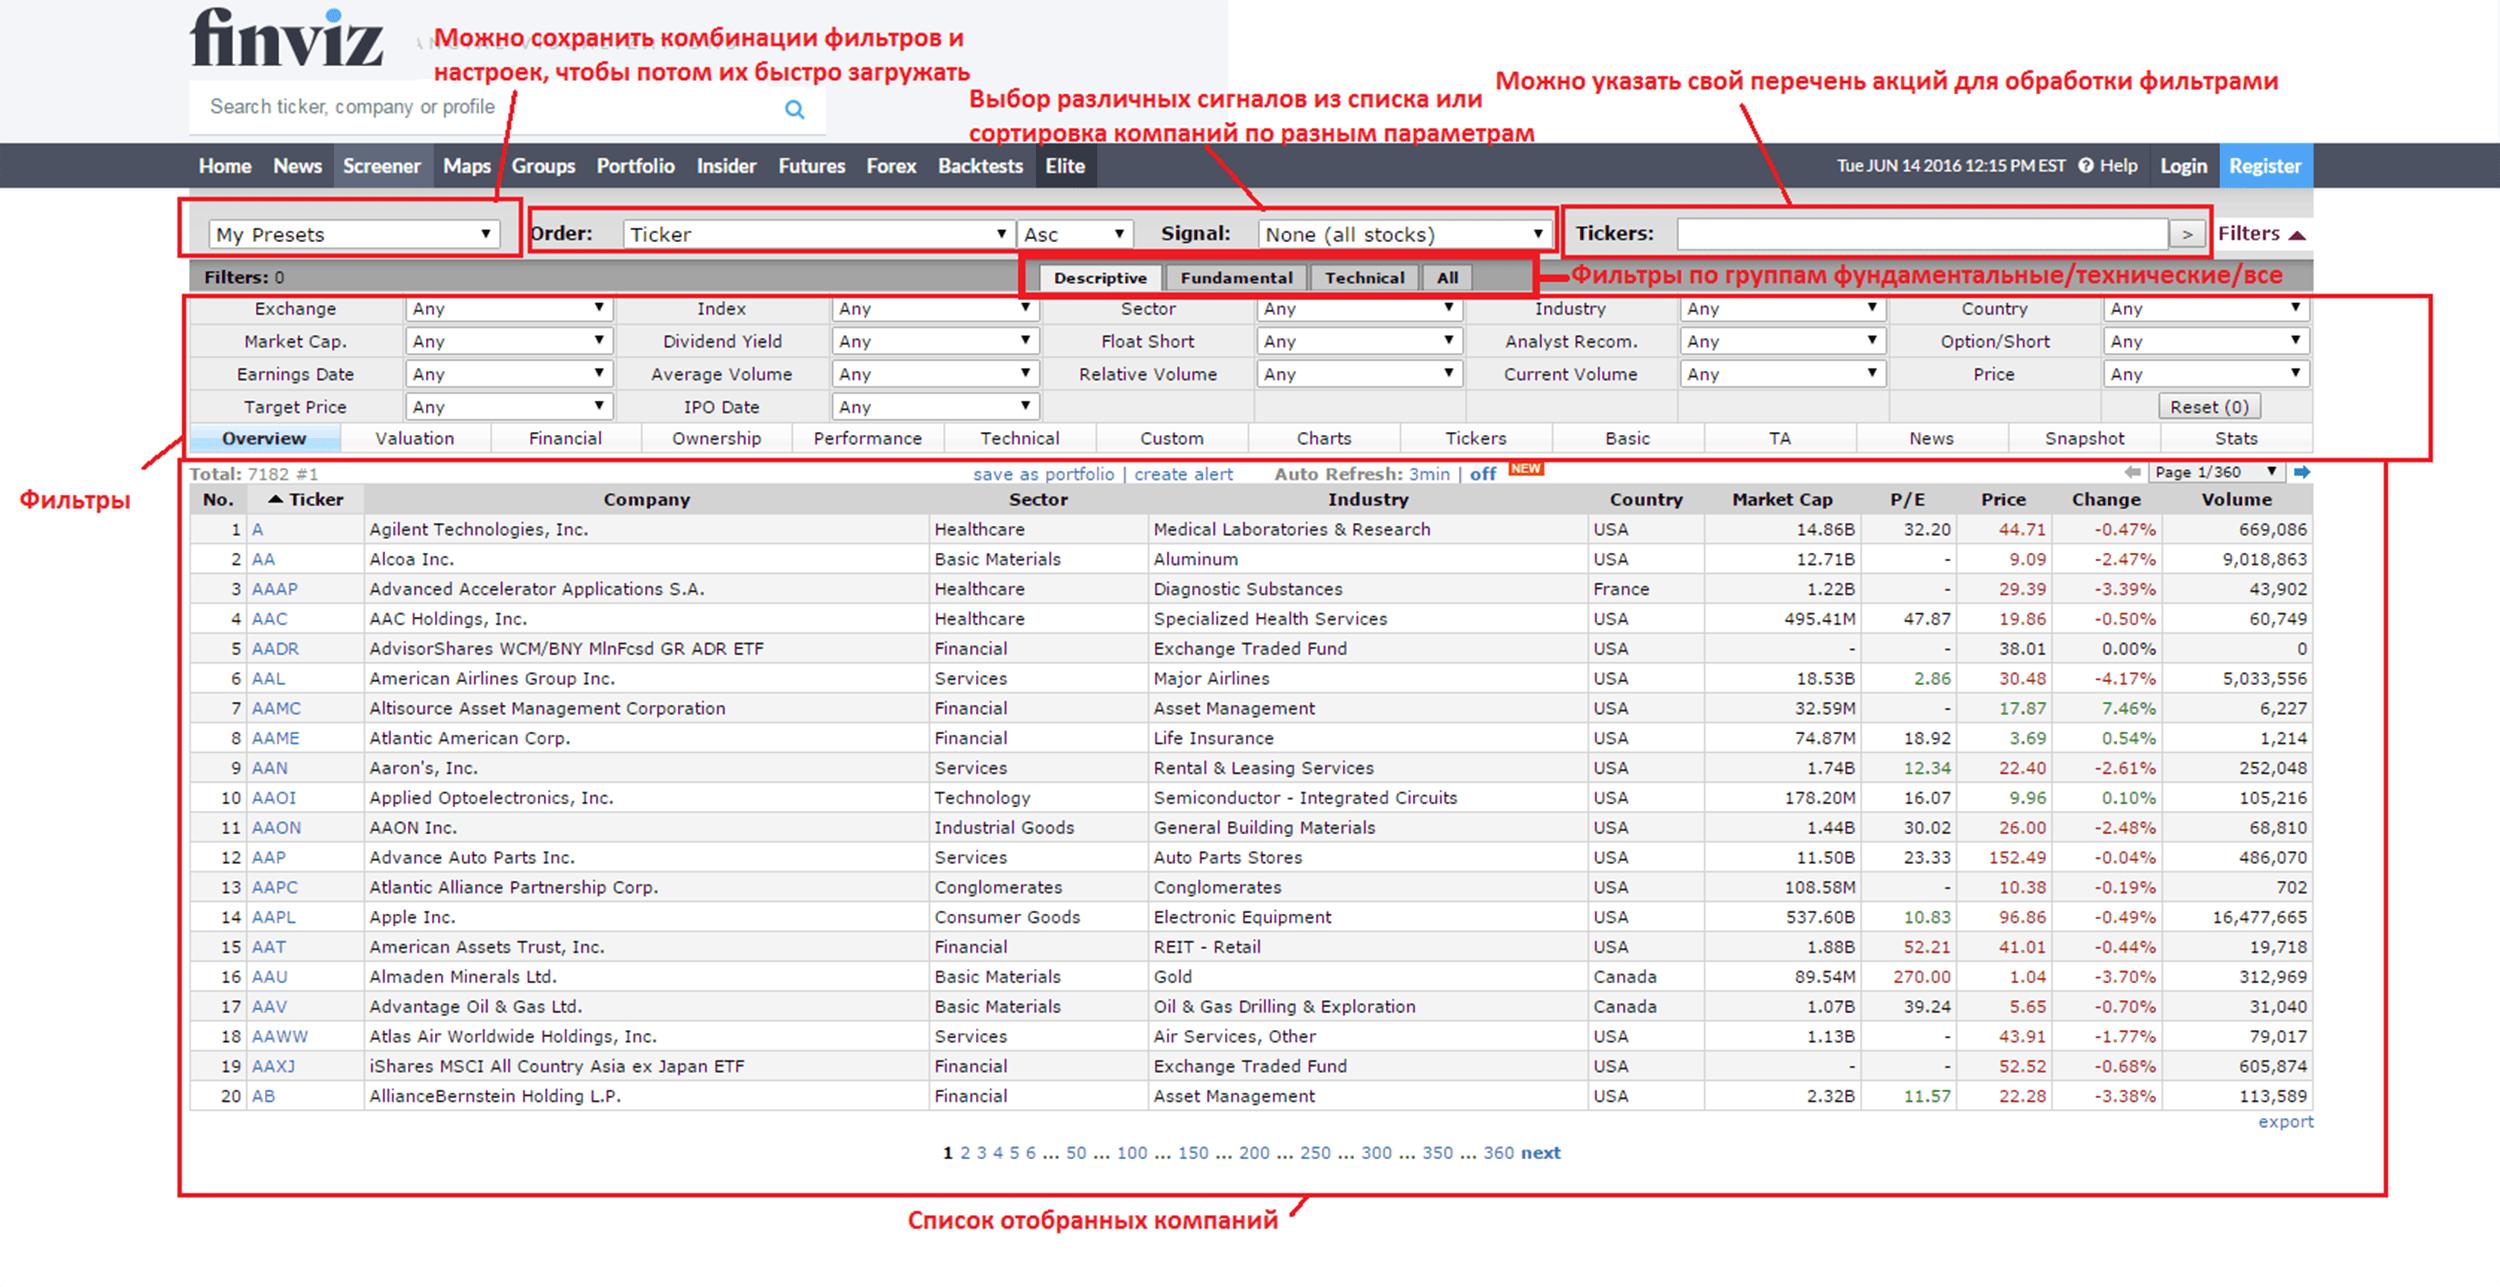 finviz.com stock screener